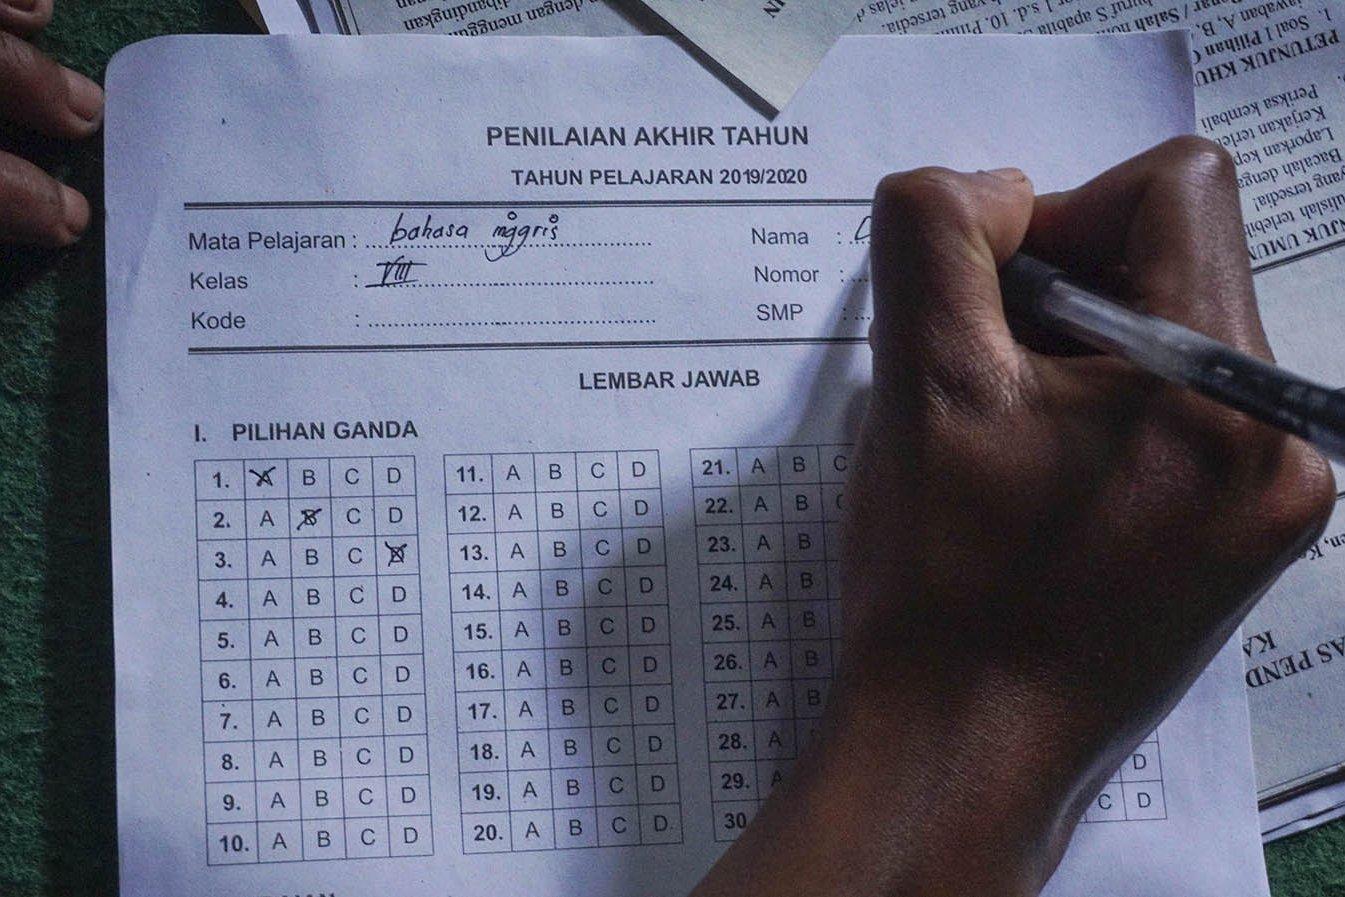 Siswa SMP N 4 Bawang, Dani Difanudin, mengerjakan tugas sekolah di rumahnya di Pranten, Kecamatan Bawang, Kabupaten Batang, Jawa Tengah.\r\n\r\n